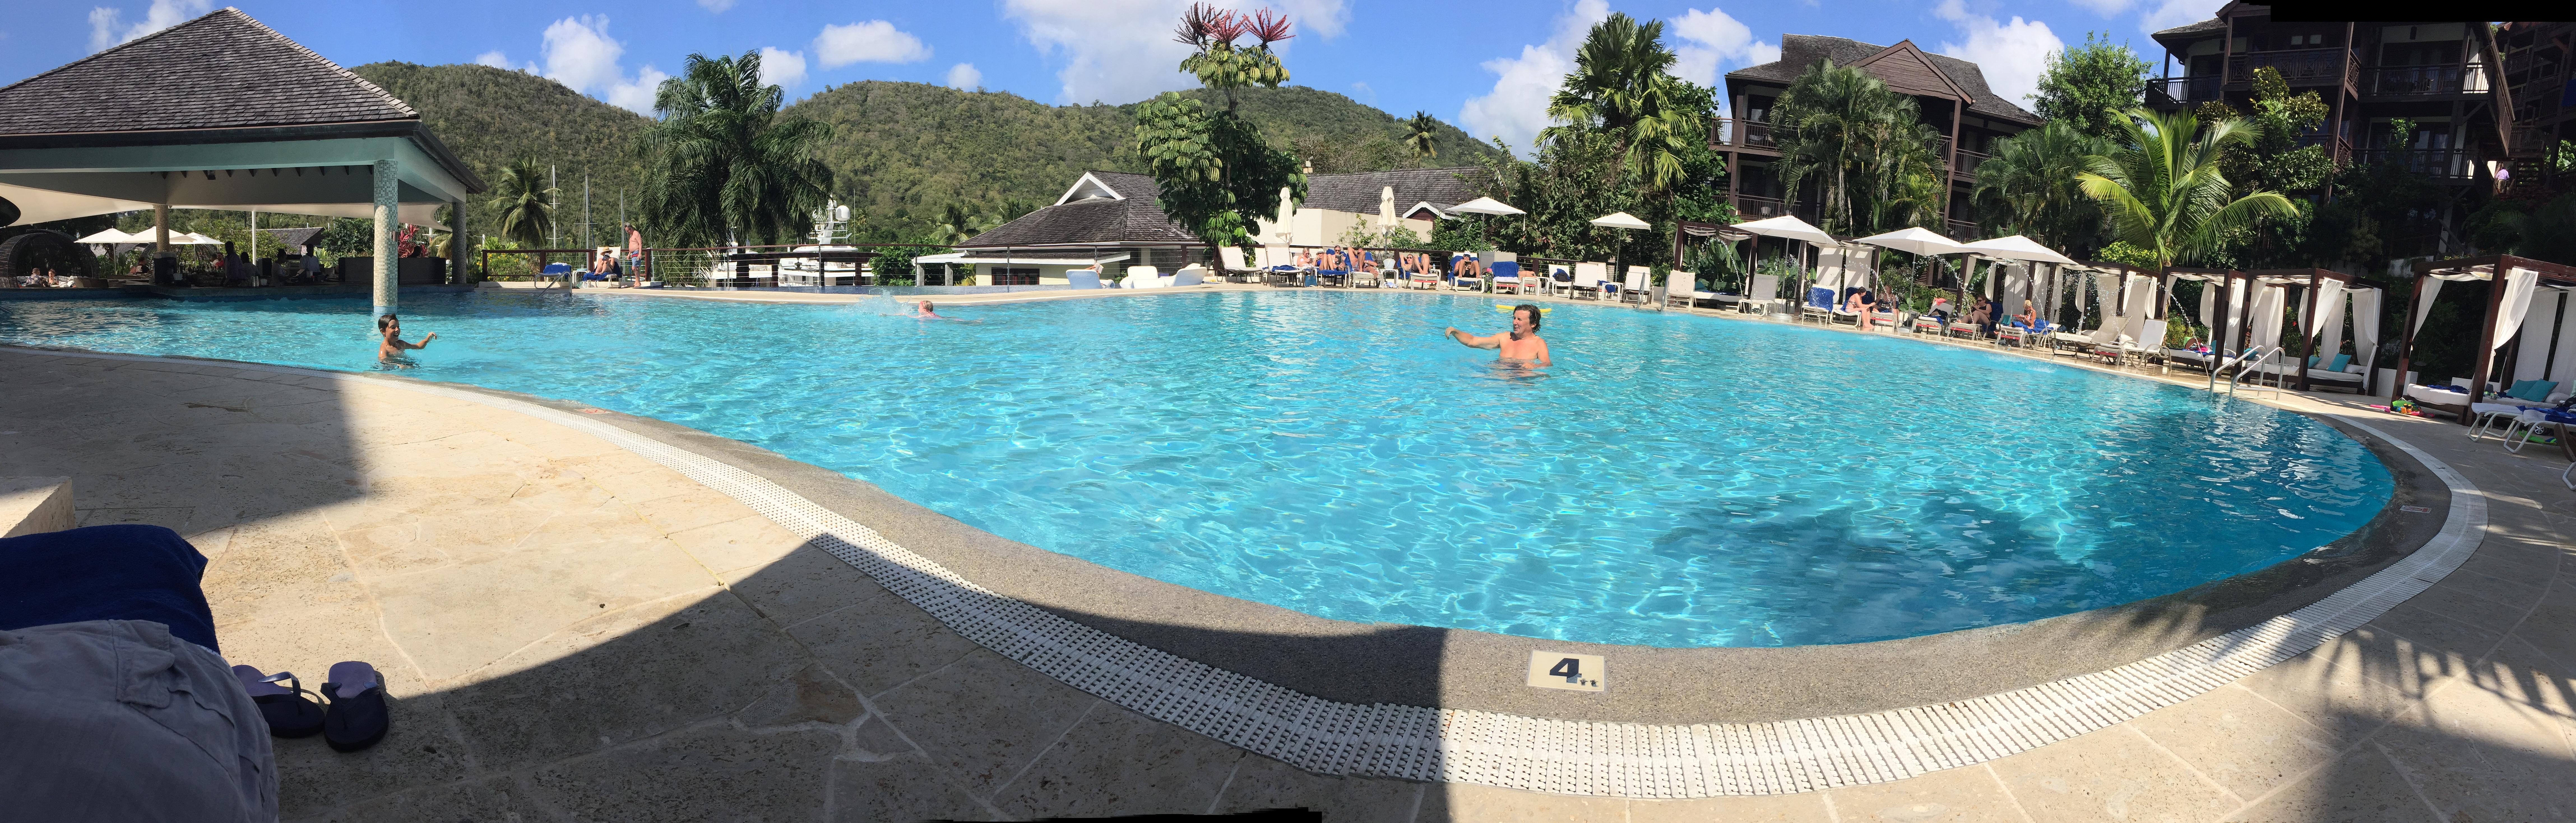 The pool at Marigot Bay